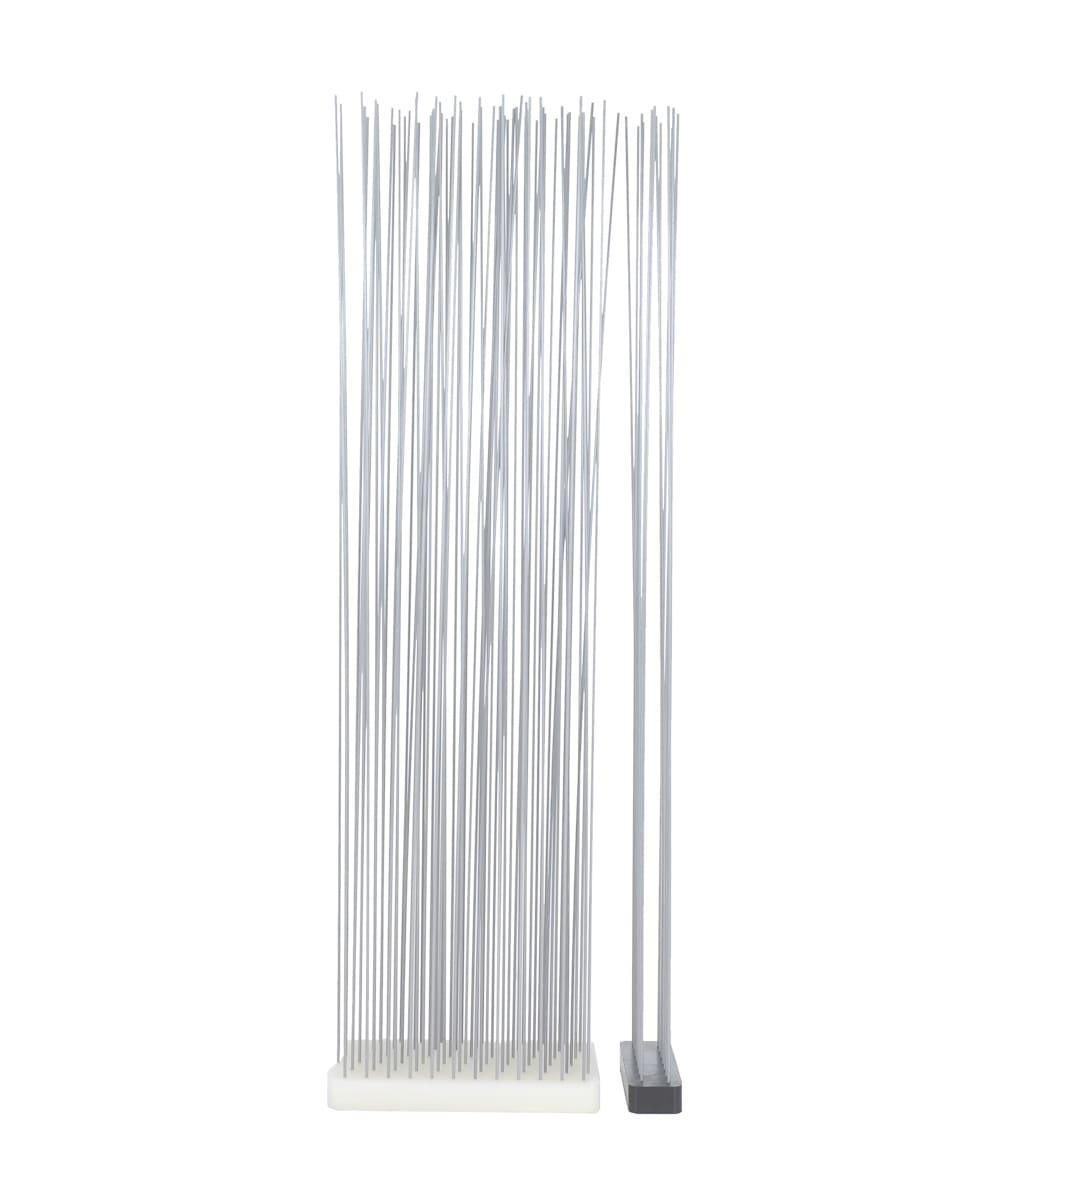 Sichtschutz in Weiß mit Stäbe Sticks